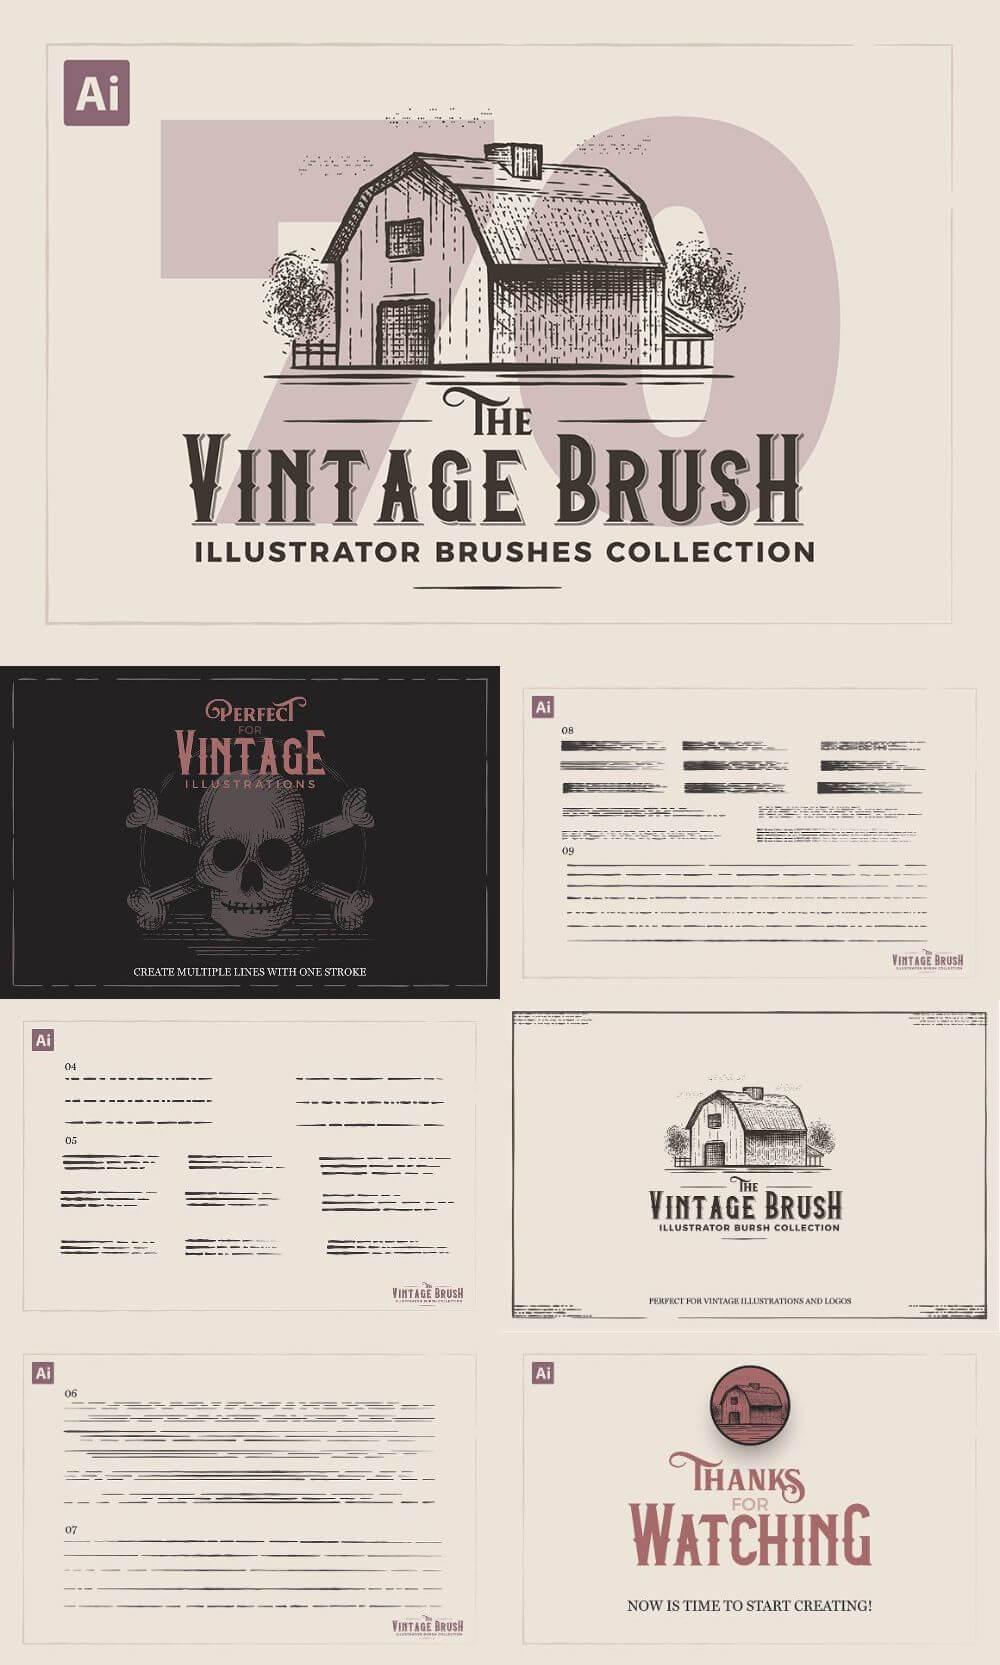 Vintage Illustrator Brushes